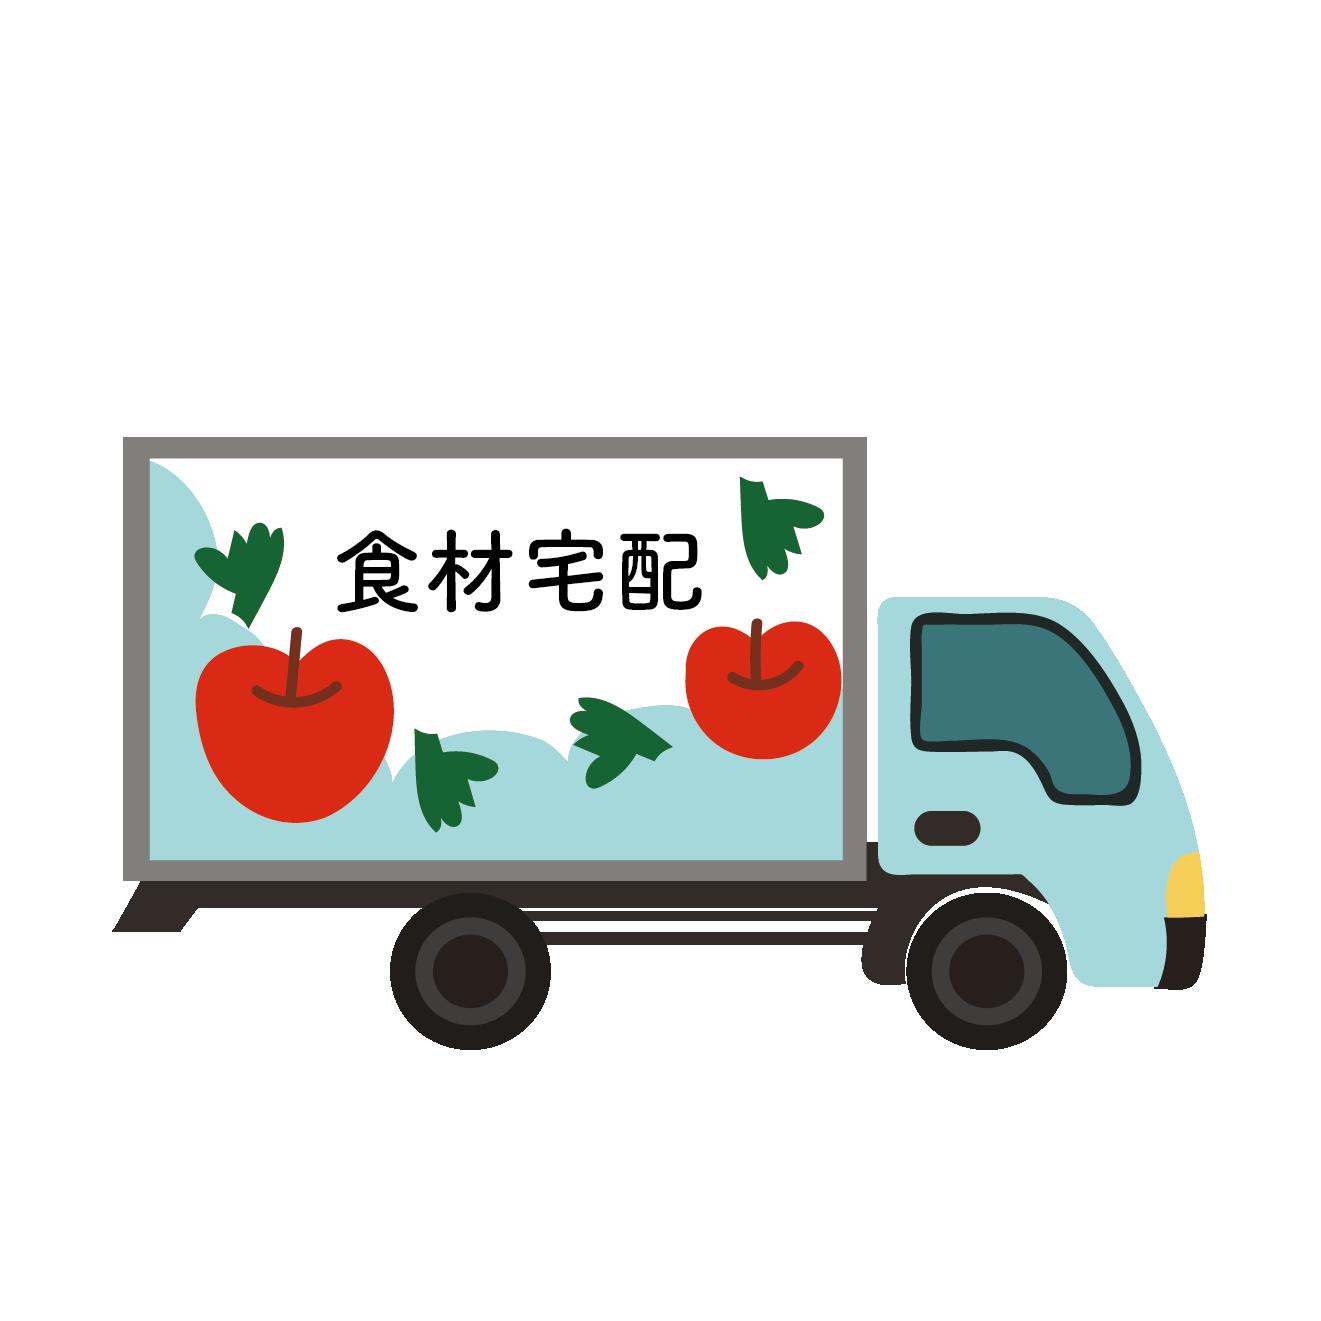 食材宅配の配送車(トラック)のイラスト | 商用フリー(無料)の